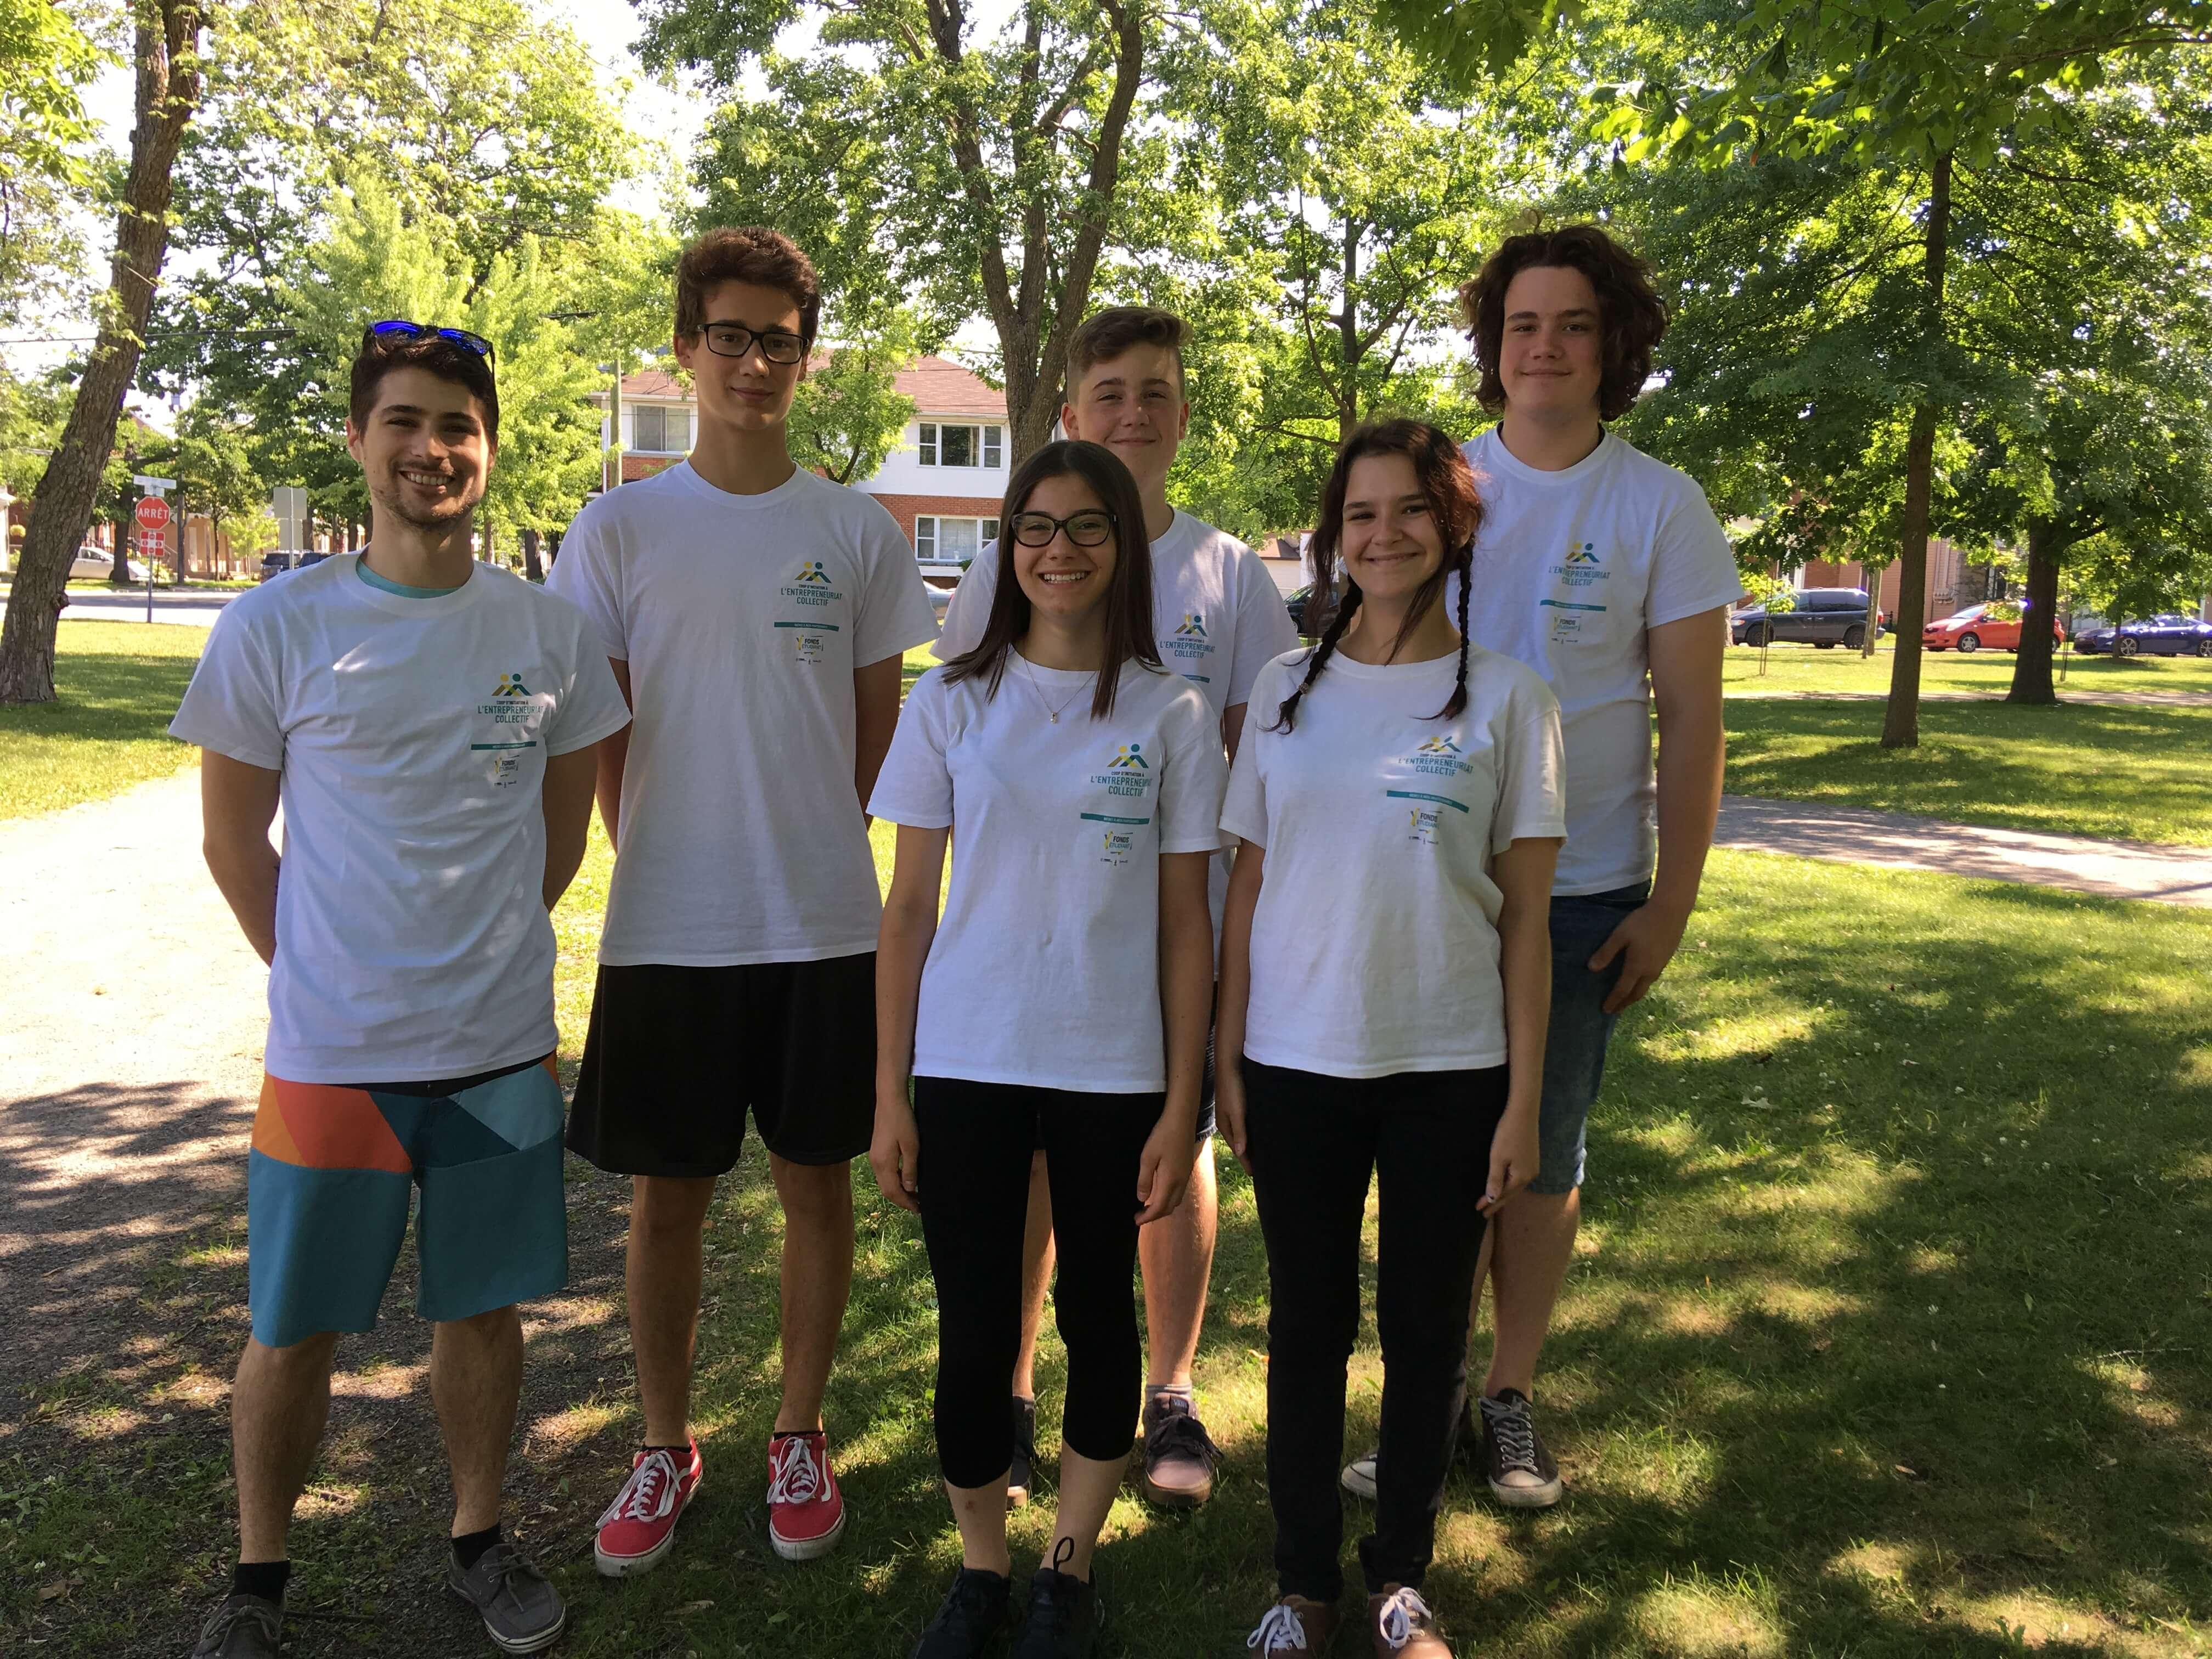 Françis Pellerin-Venne, coordonnateur, accompagné des jeunes entrepreneurs de l'édition 2018 de la Coop d'initiation à l'entrepreneuriat collectif (CIEC) du Grand Joliette.